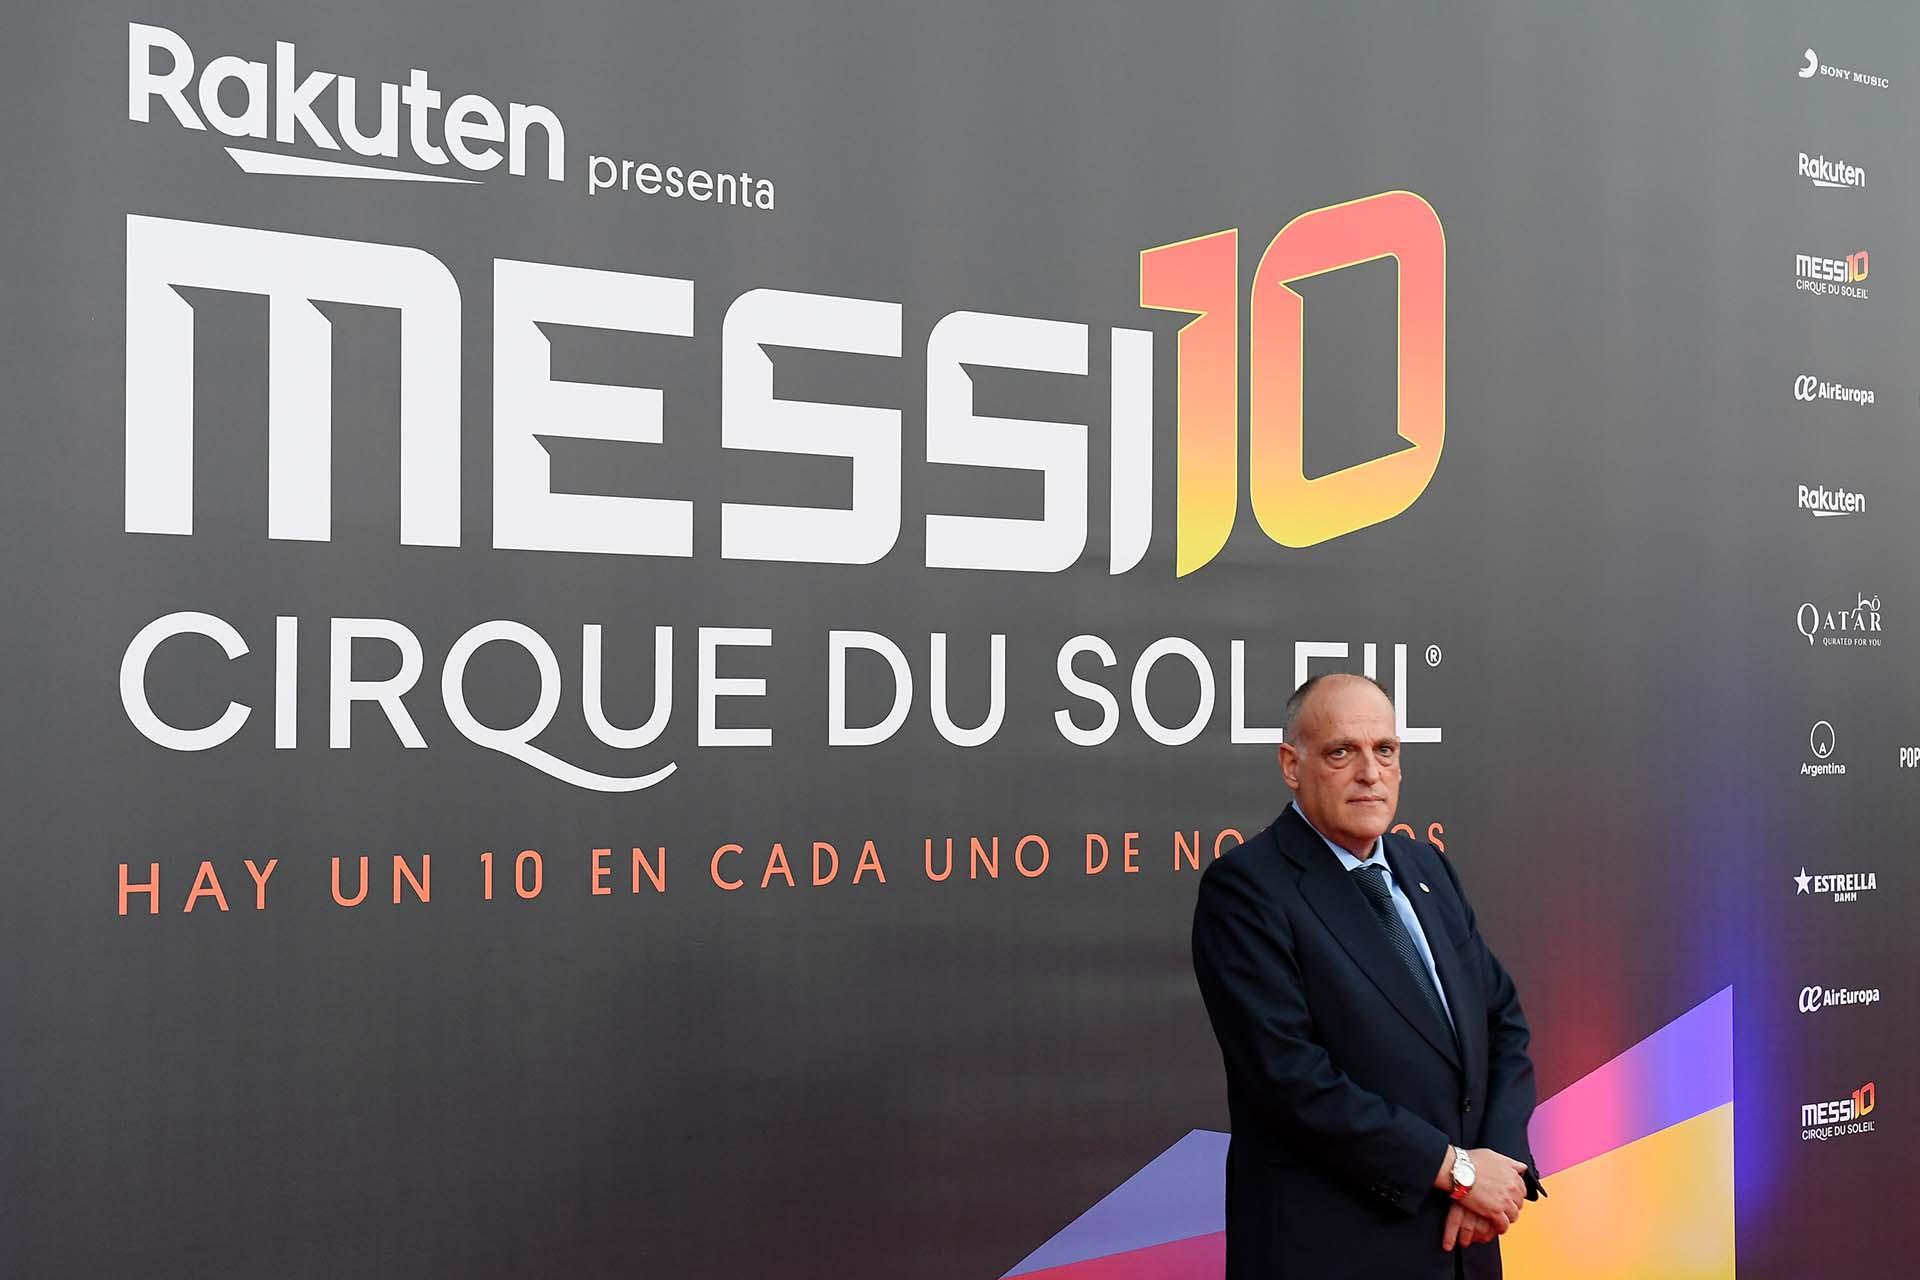 El presidente de la Liga española, Javier Tebas, estuvo en la presentación del show